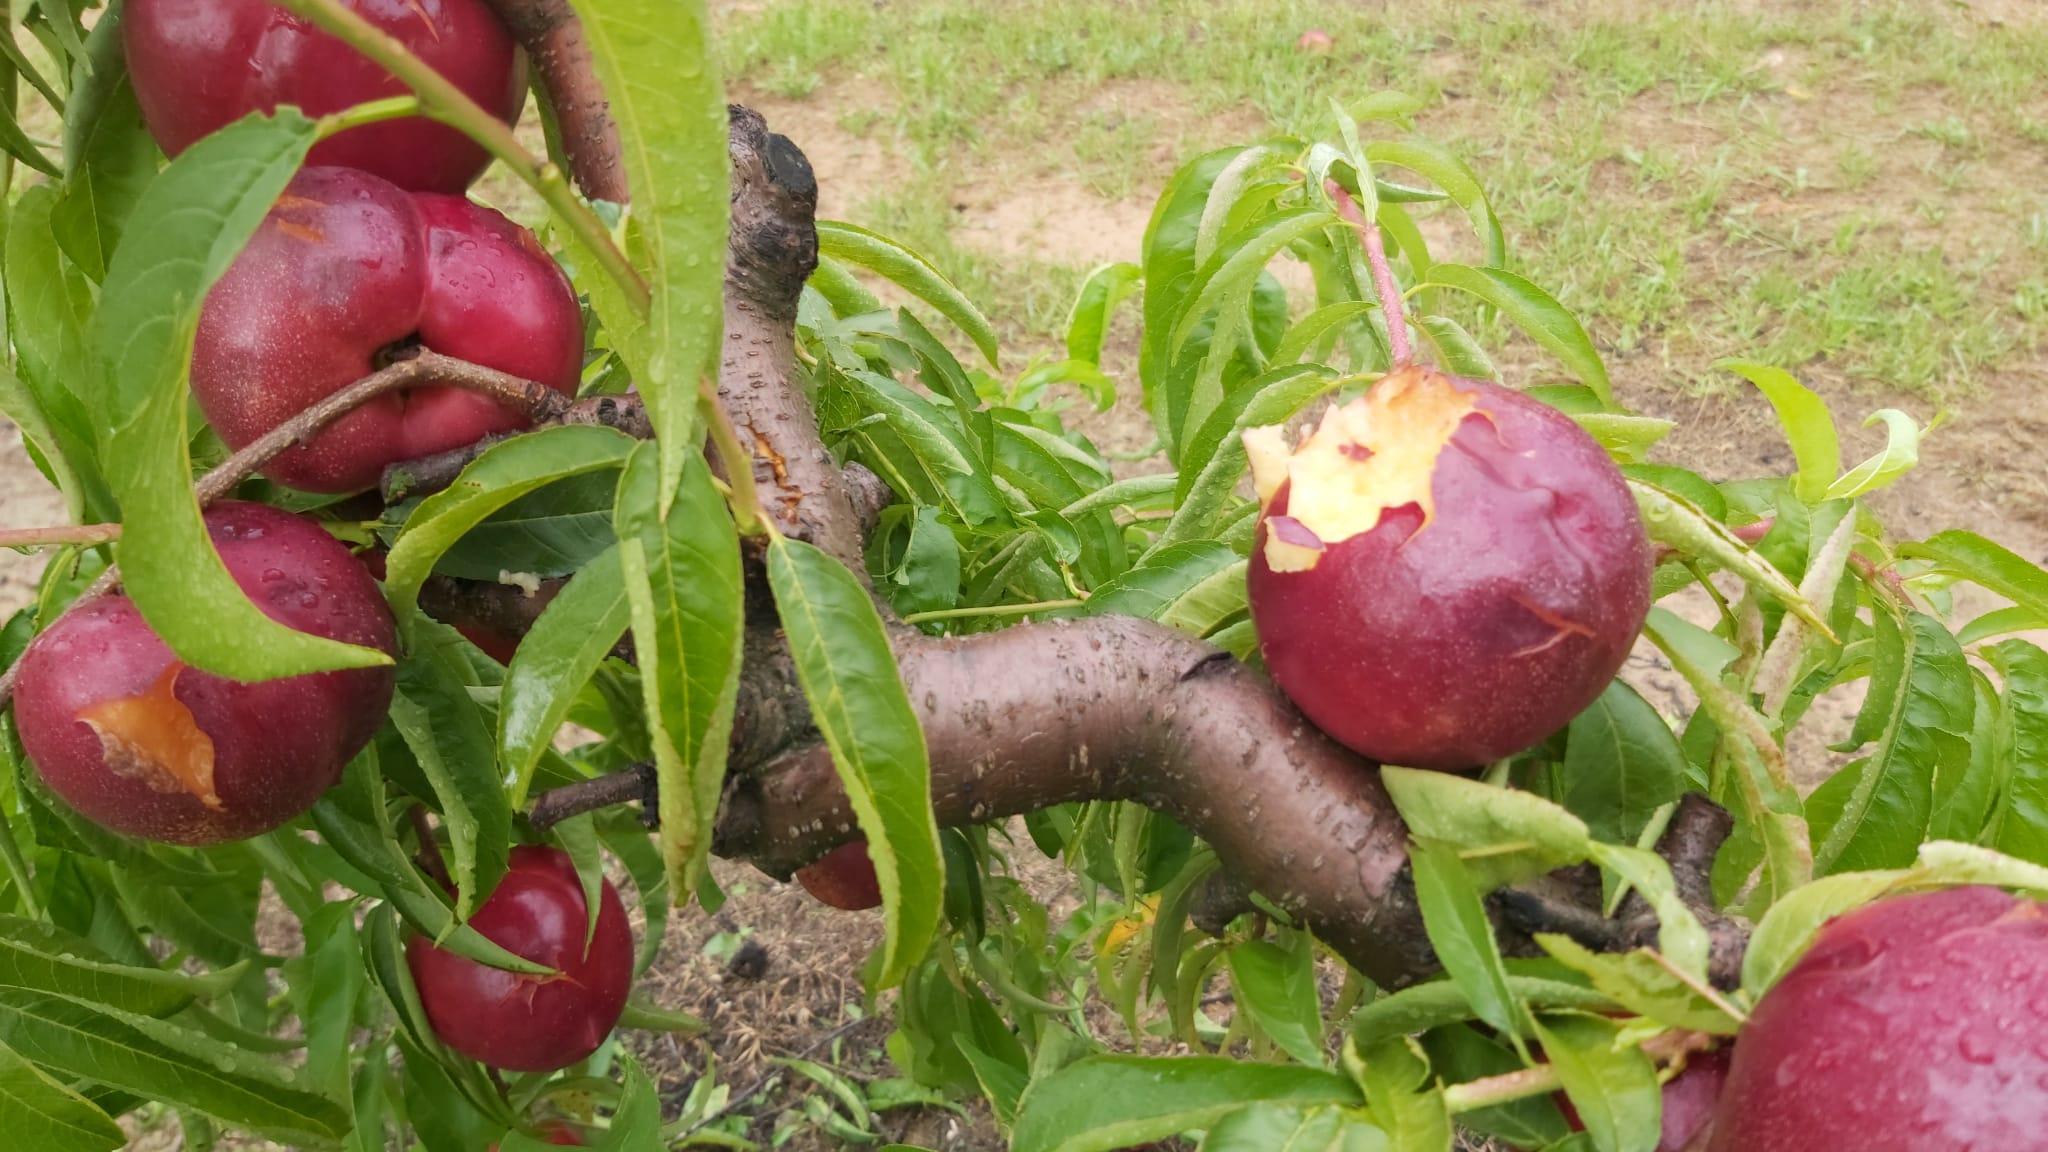 Nectarines d'una finca d'Alcarràs malmeses per la pedregada | ACN